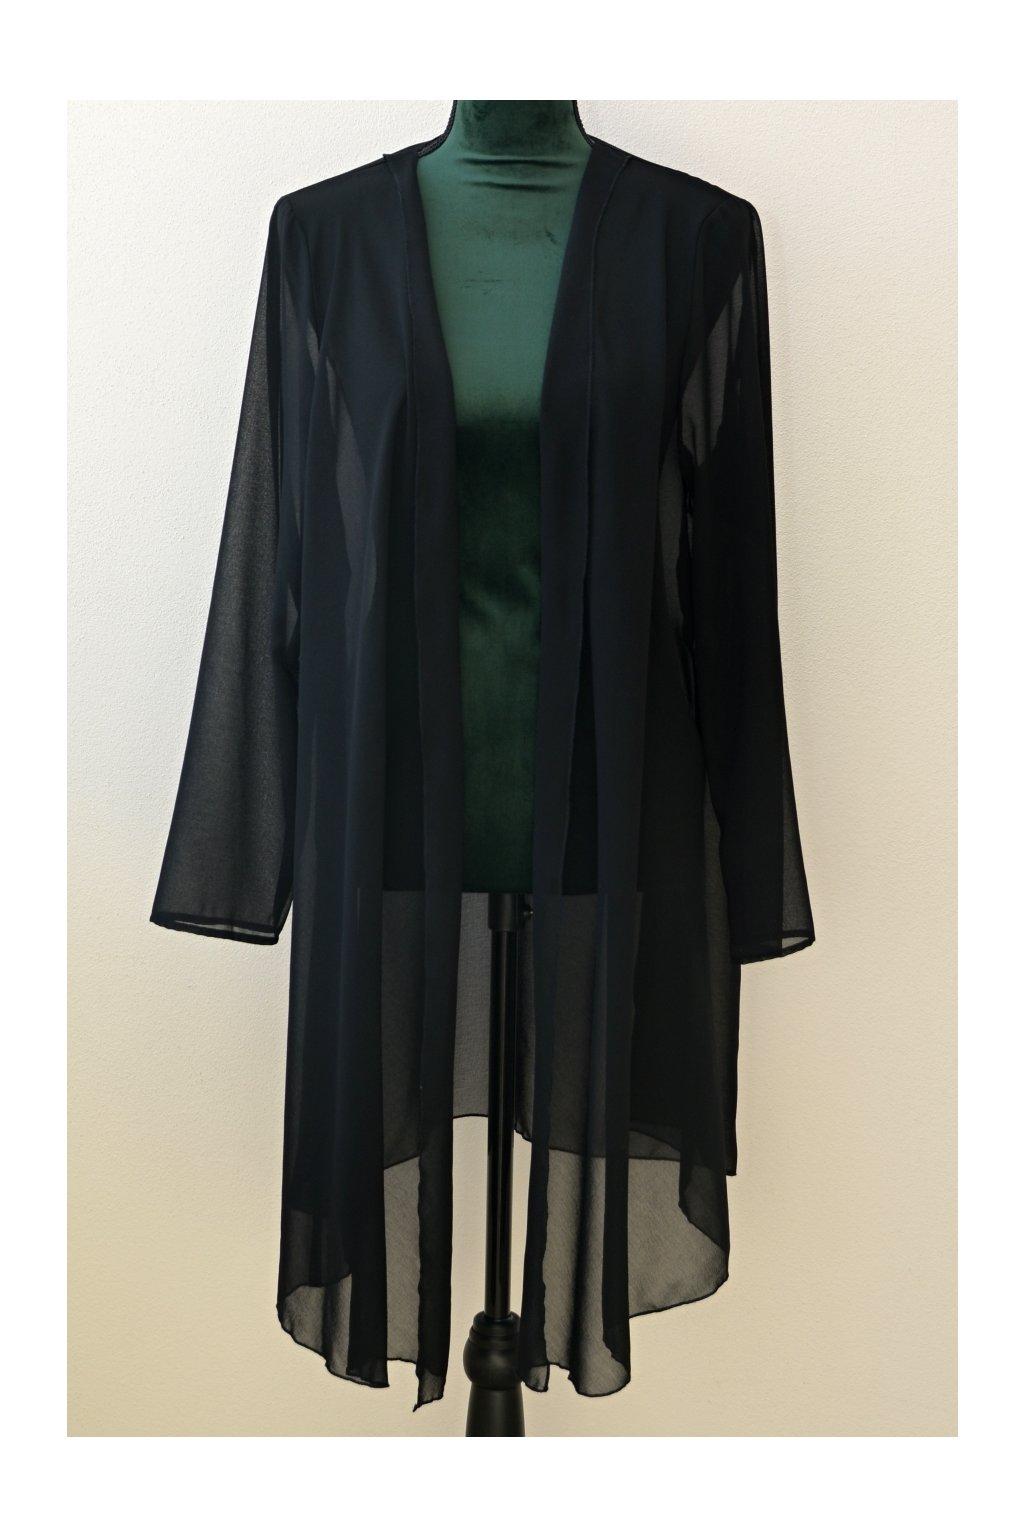 Šifonový kabátek Lady Emilly 3